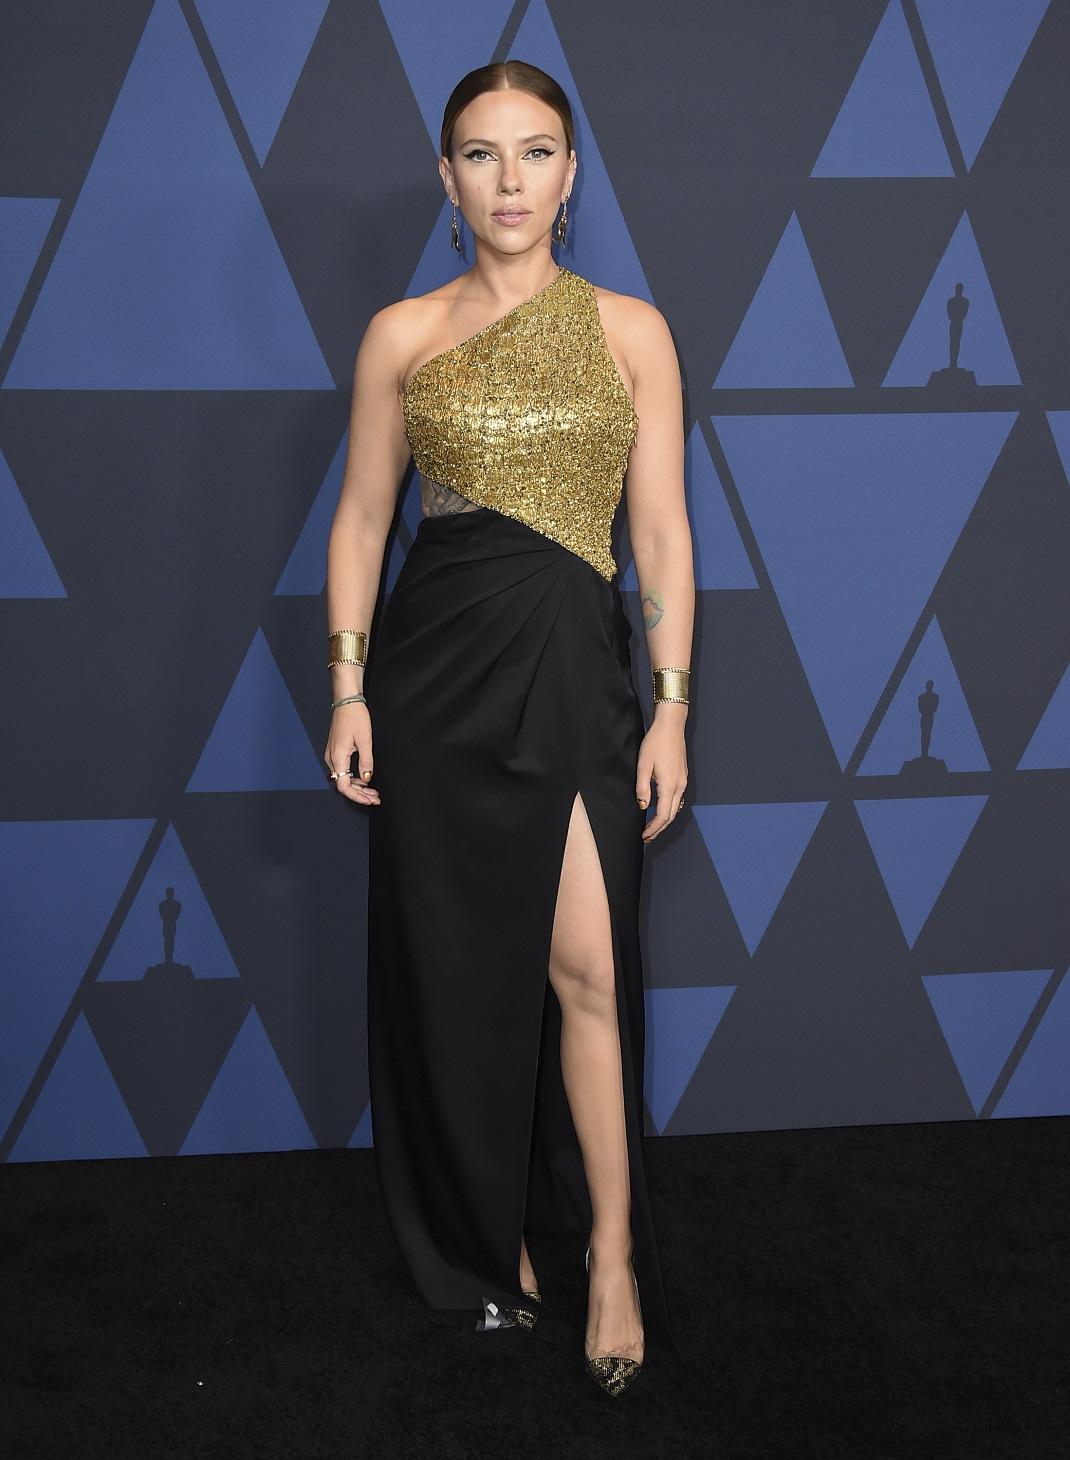 Η Σκάρλετ Γιόχανσον με χρυσό και μαύρο φόρεμα